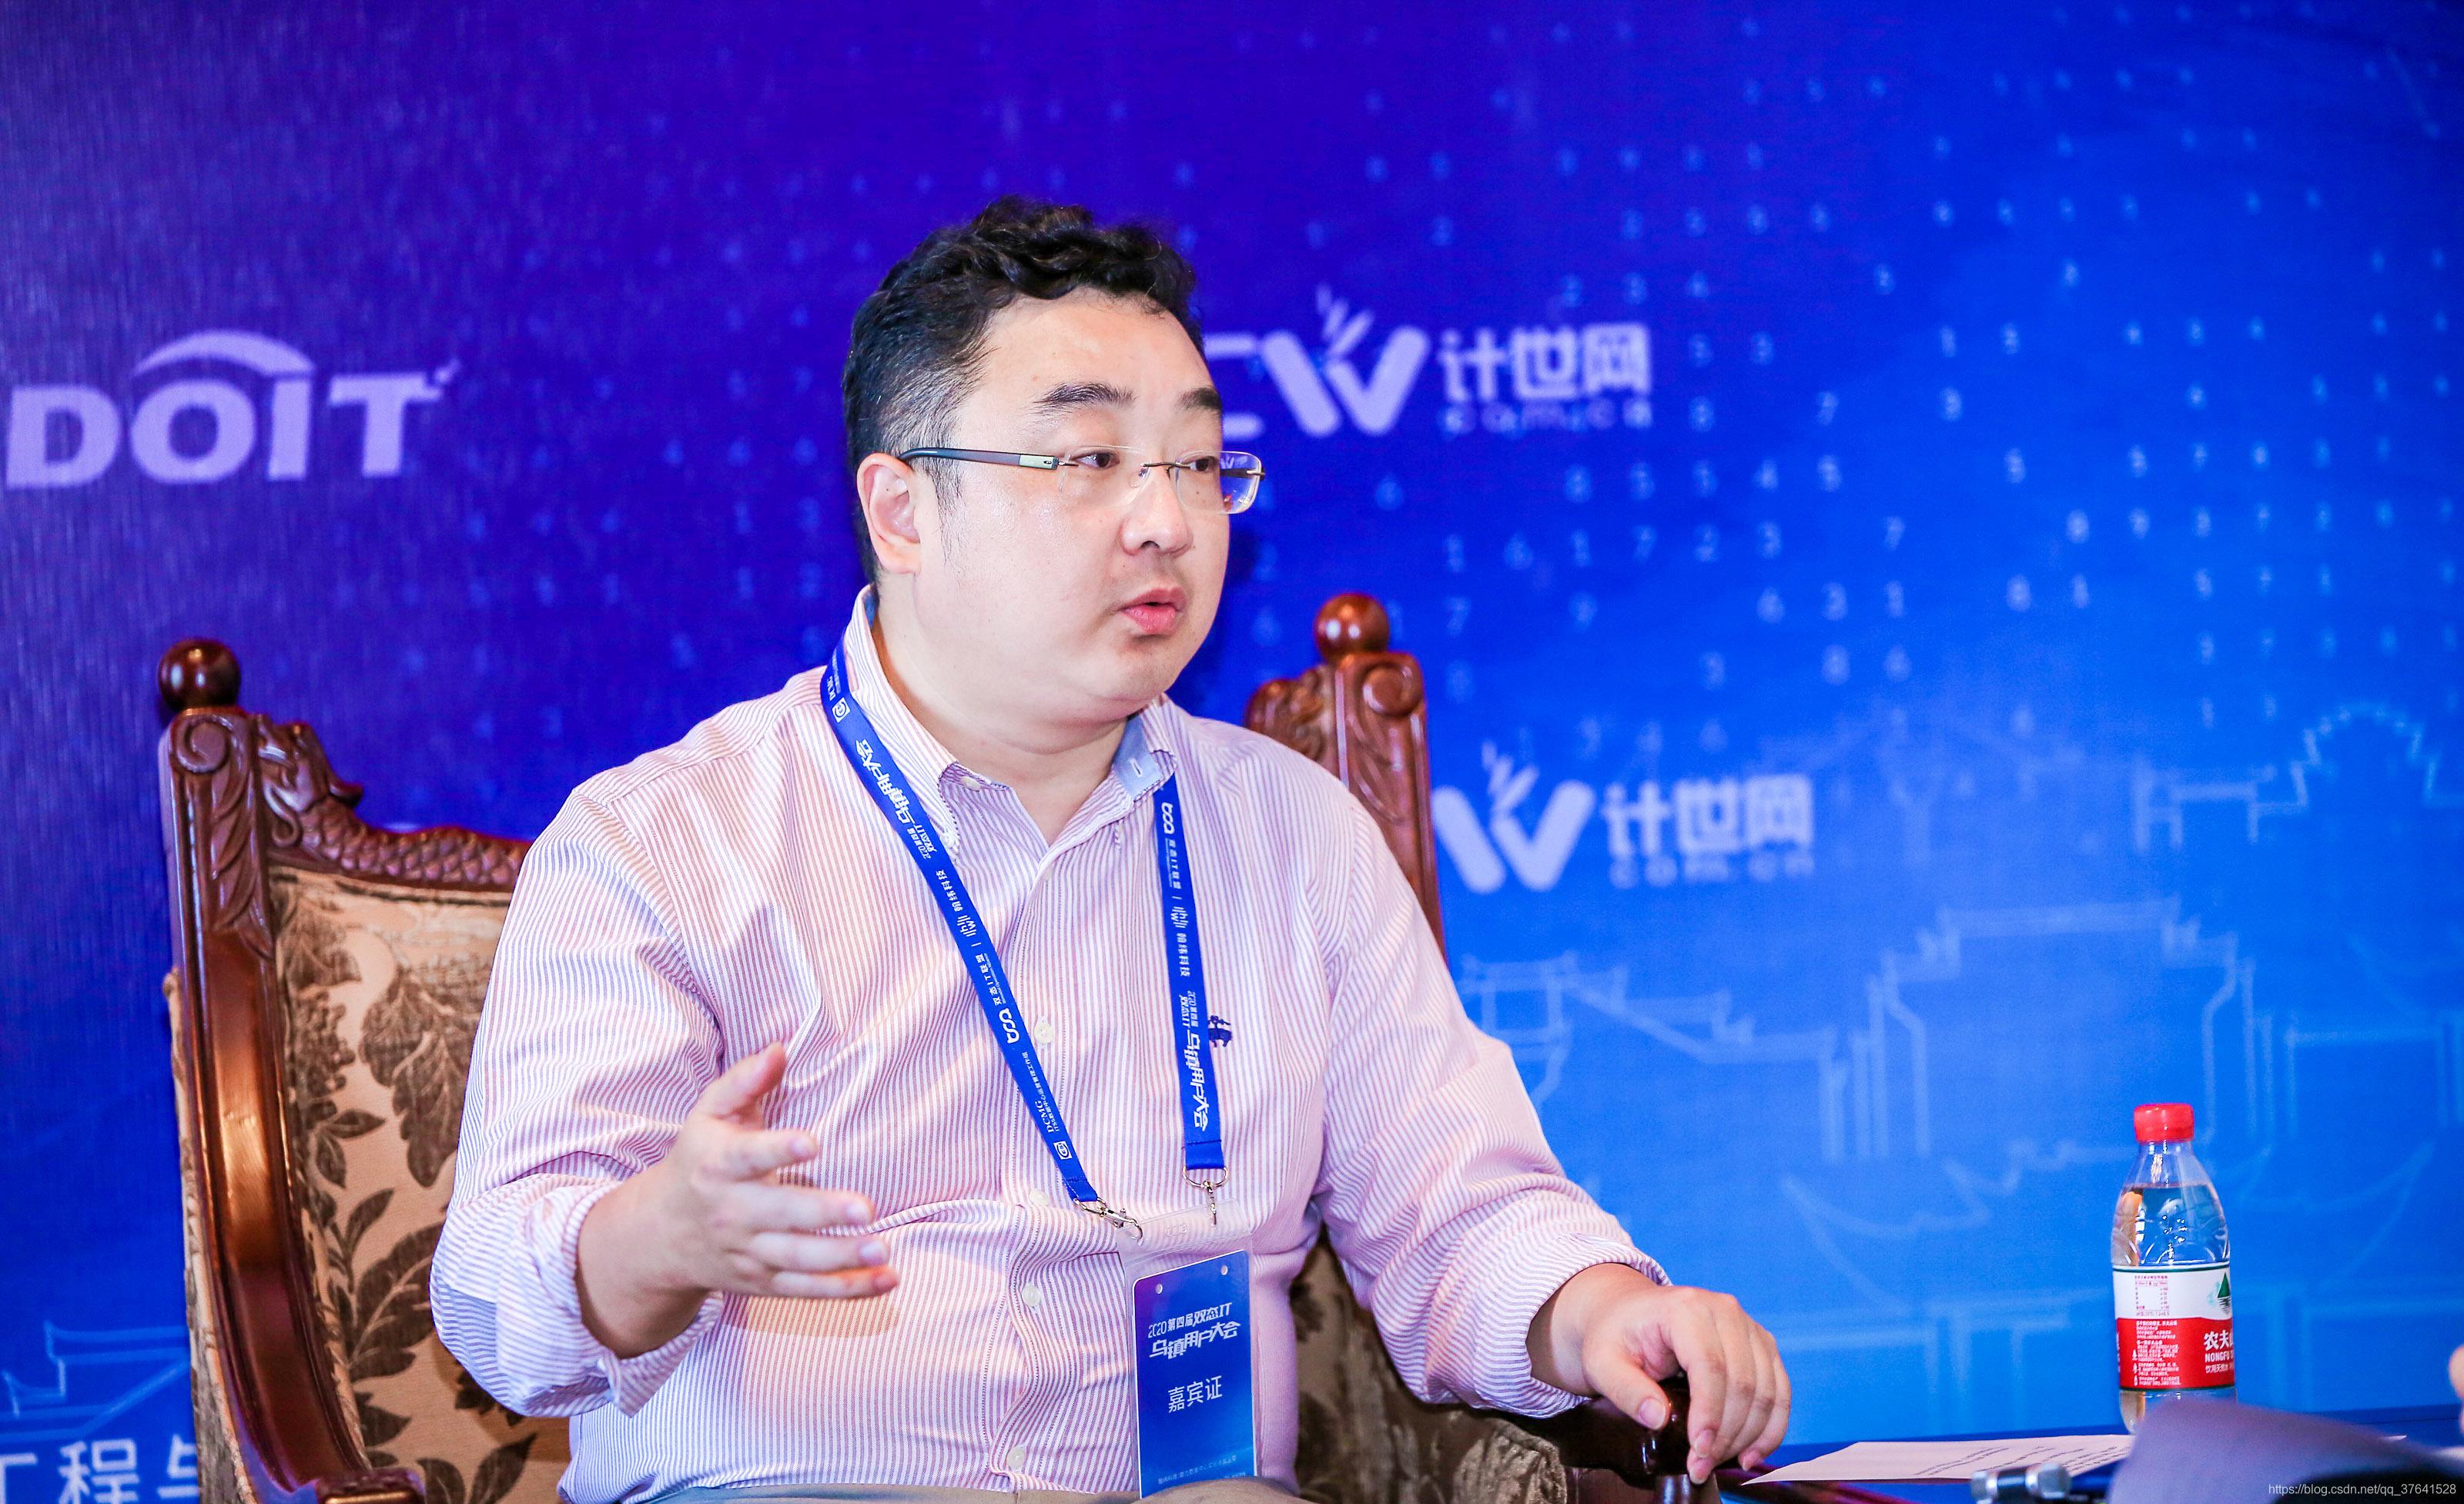 擎创科技CEO杨辰